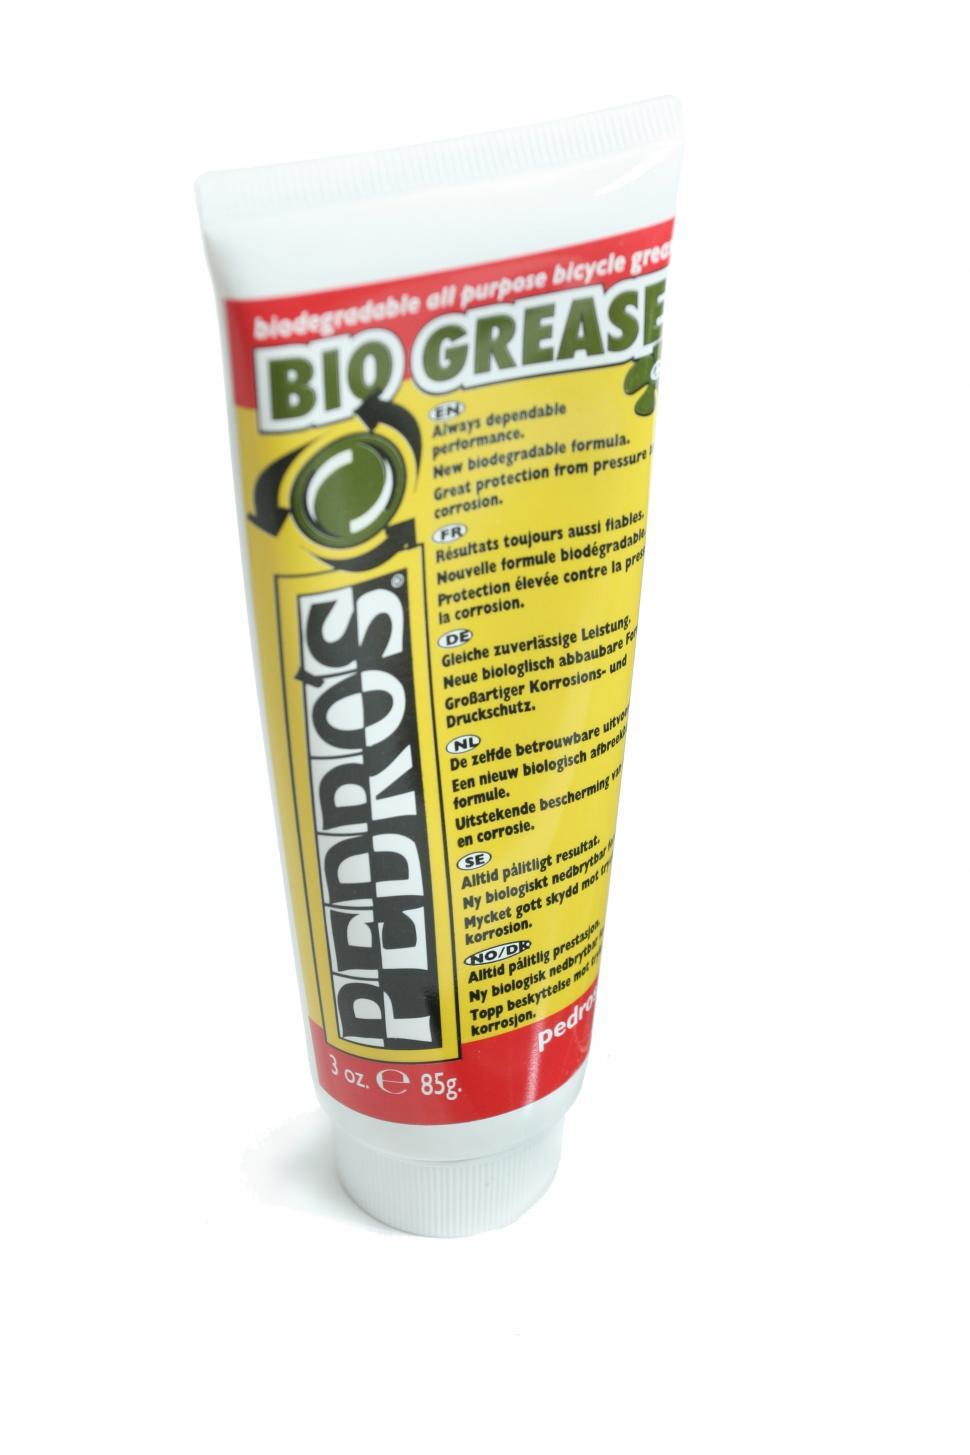 Pedros Bio grease